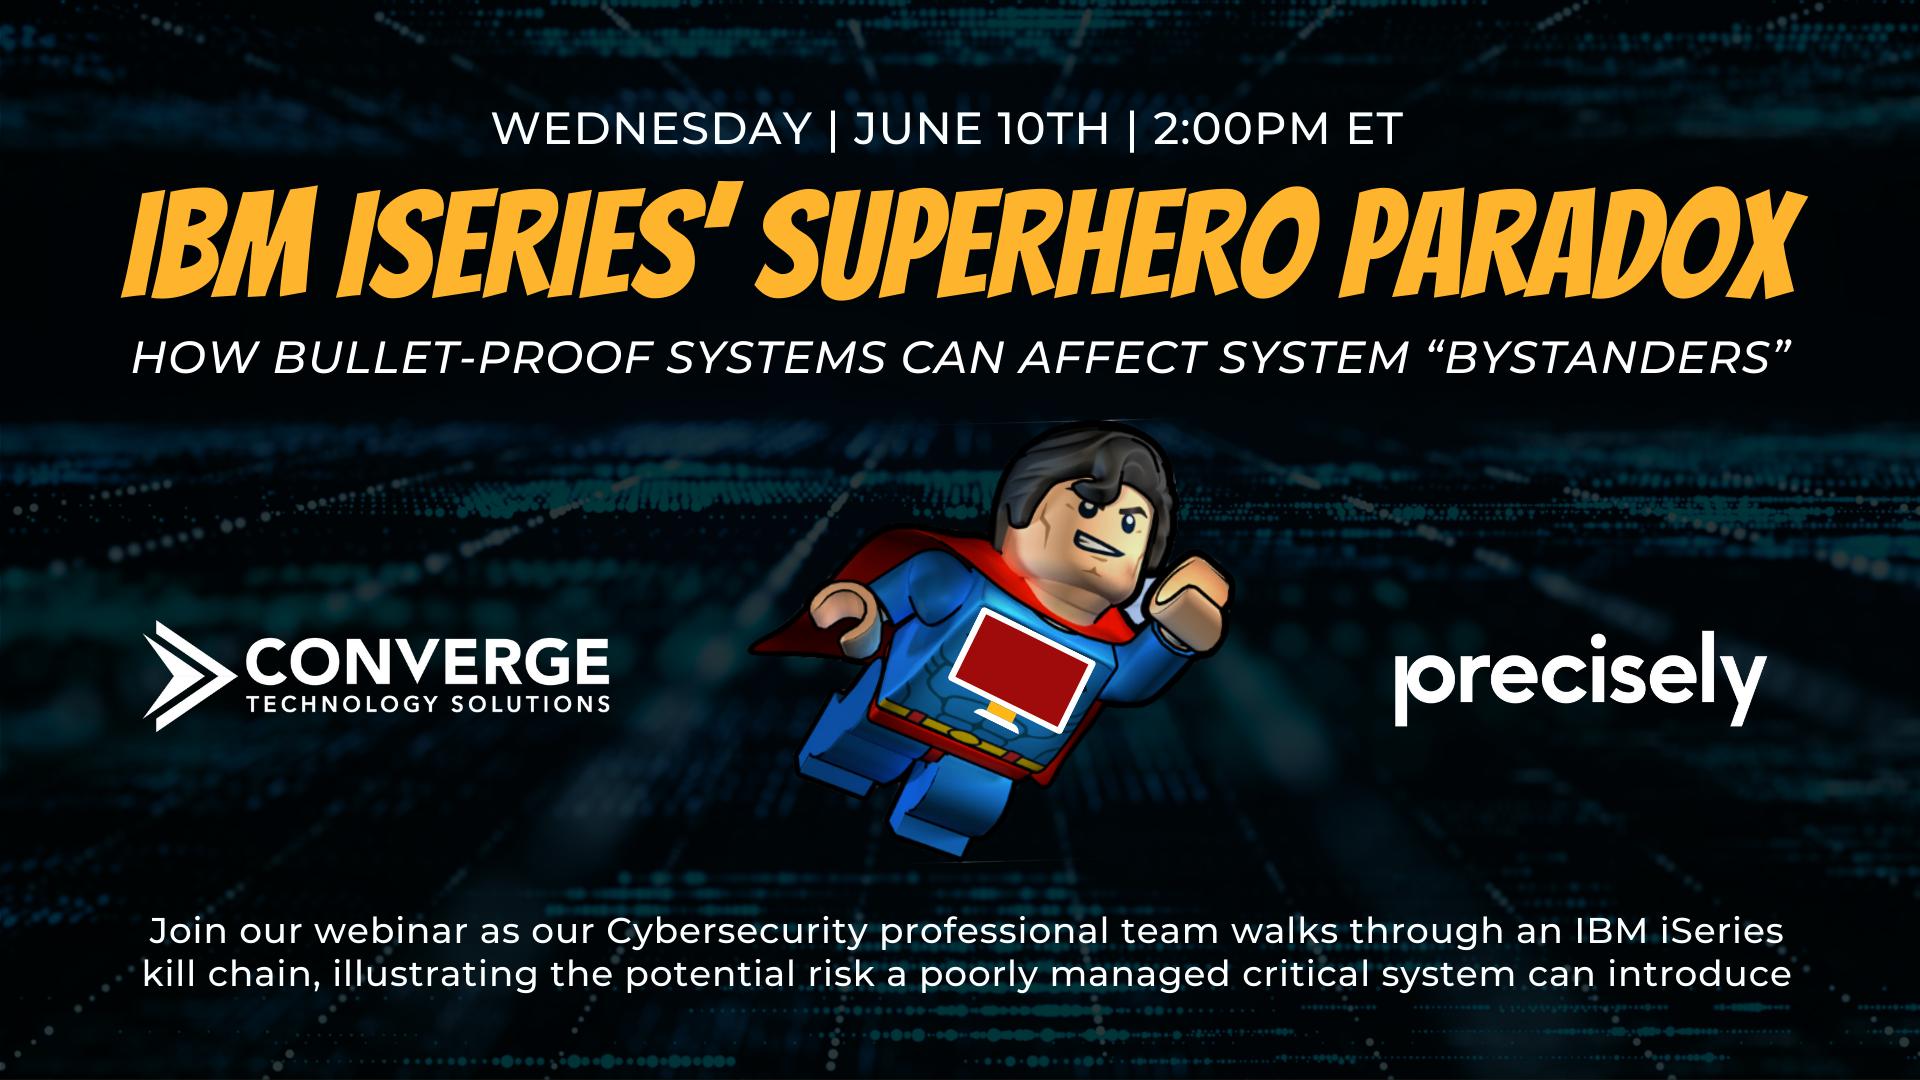 IBM iSeries' Superhero Paradox